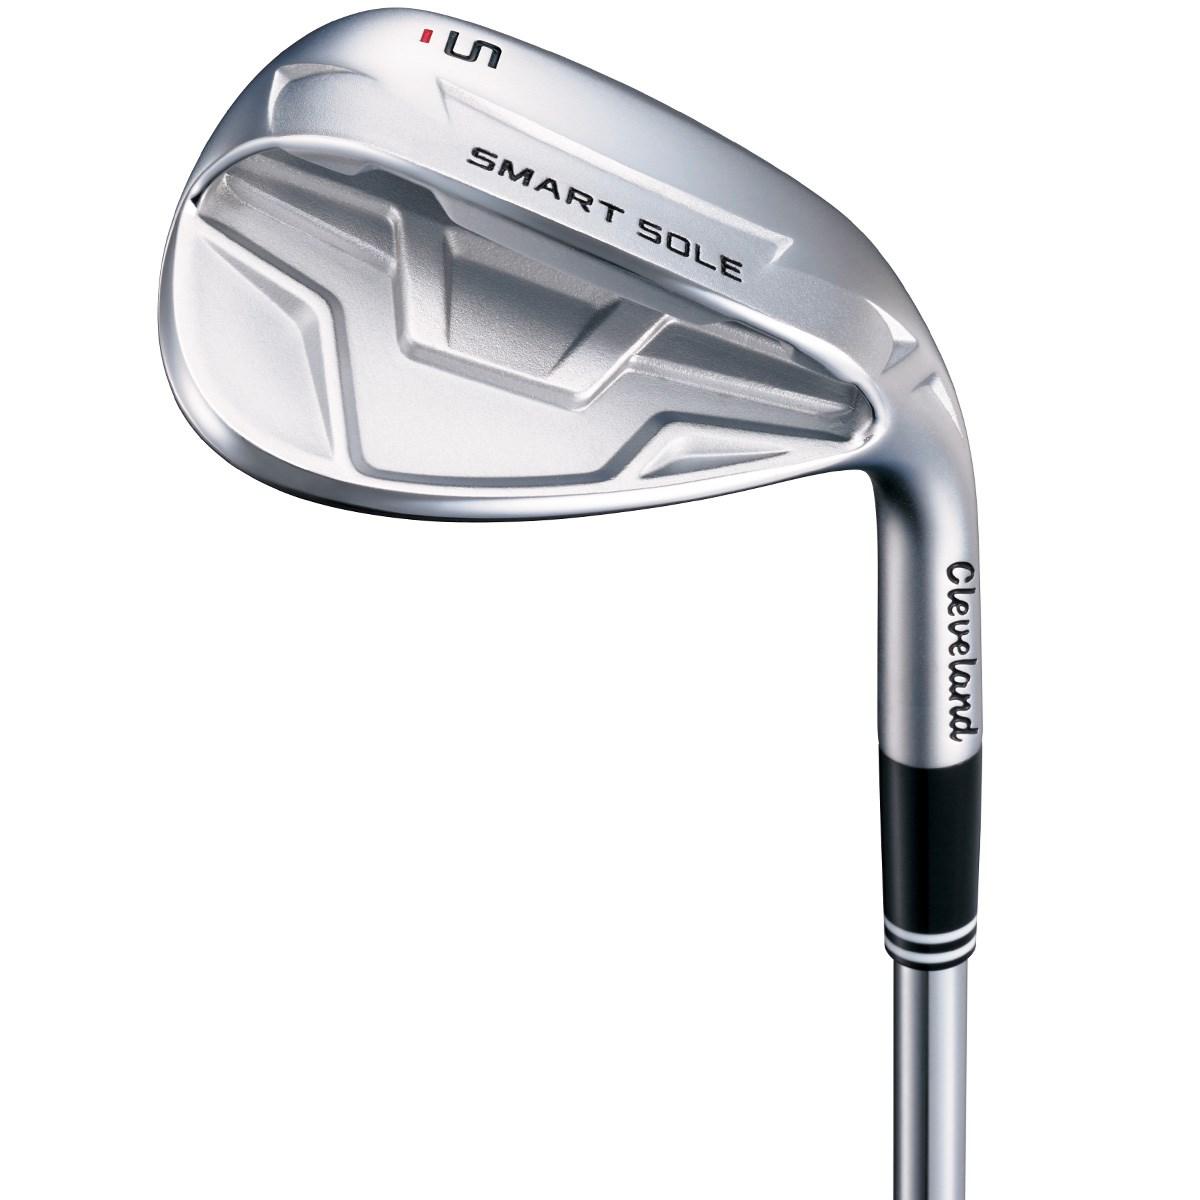 クリーブランド(Cleveland Golf) スマートソール 4 type-S ウェッジ スマートソールスチール